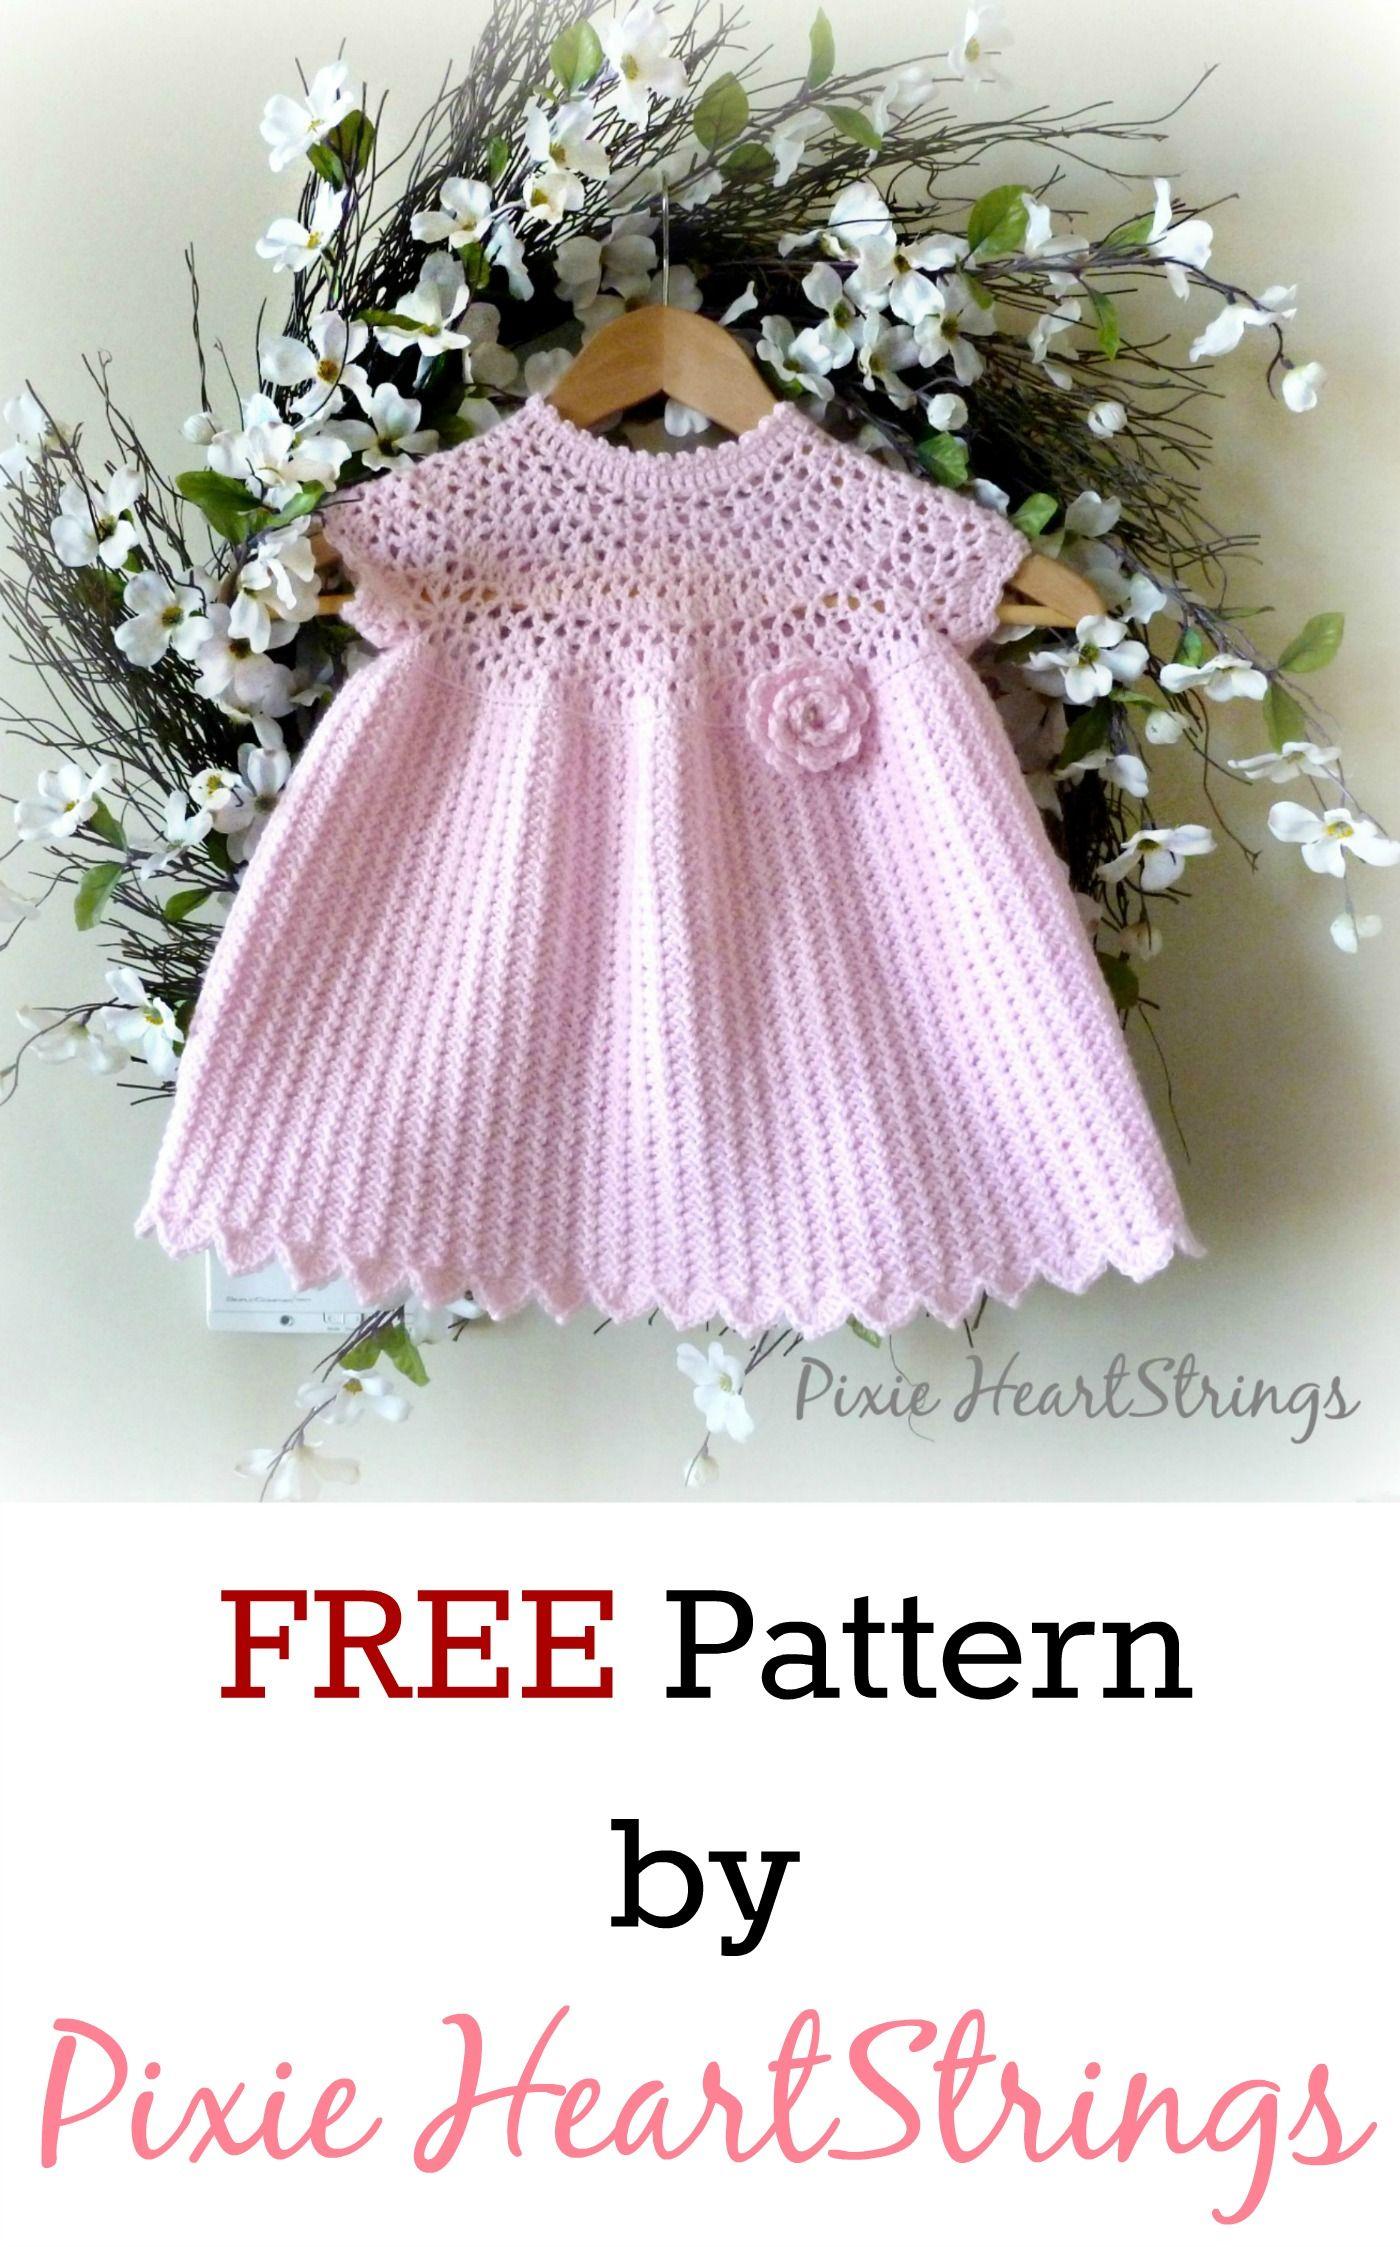 FREE Crochet baby dress pattern by Pixie HeartStrings | Crochet baby ...